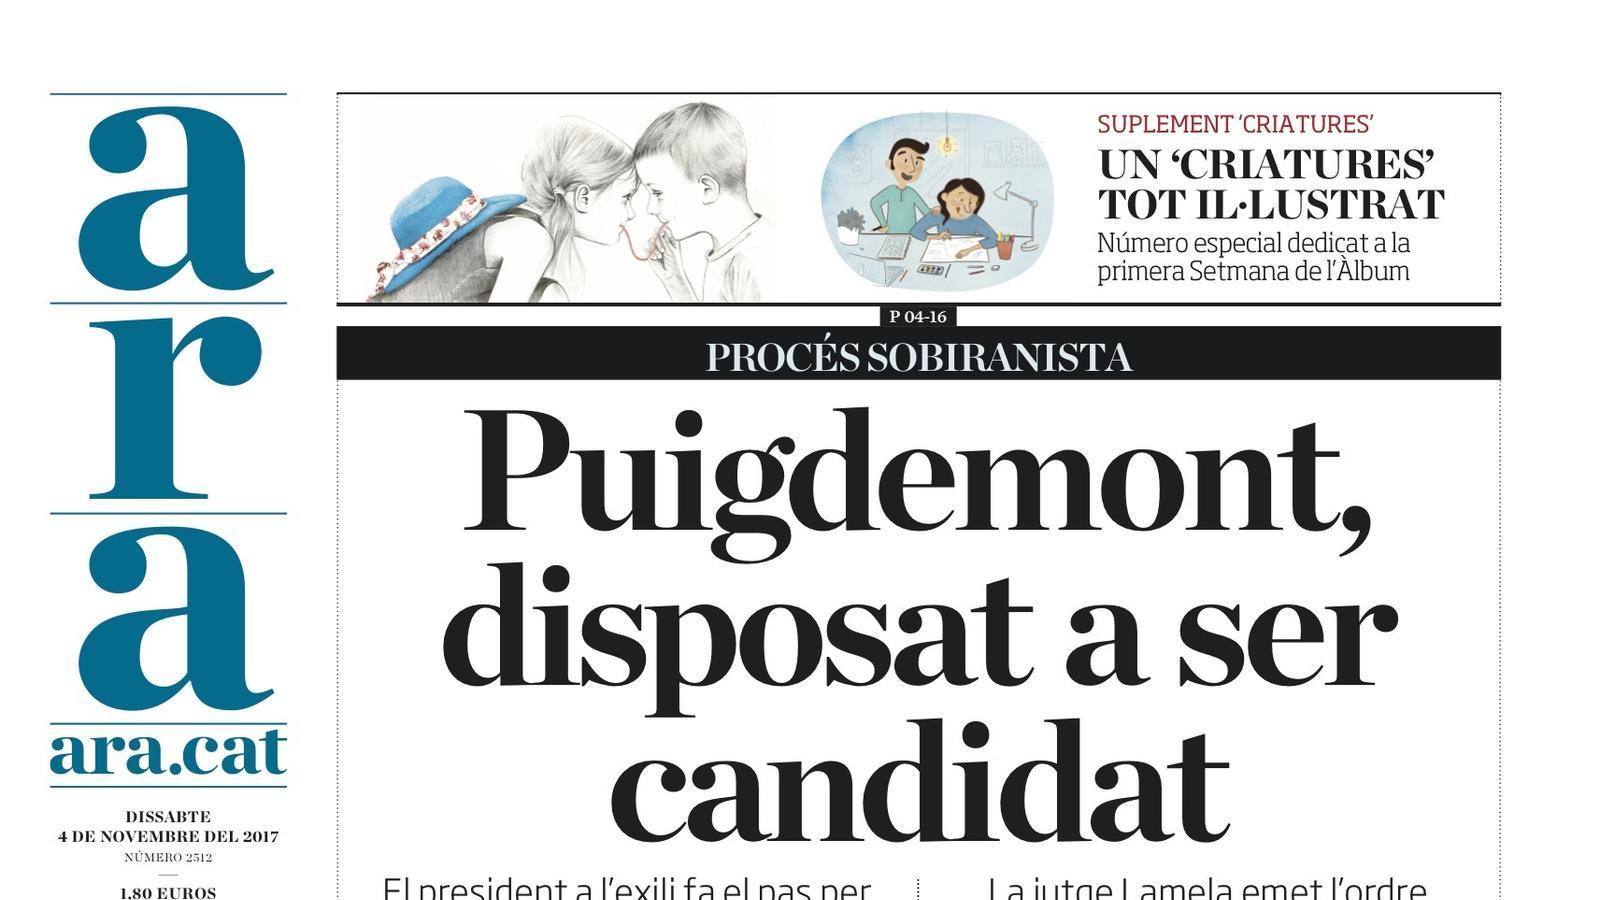 """""""Puigdemont, disposat a ser candidat"""", la portada de l'ARA"""